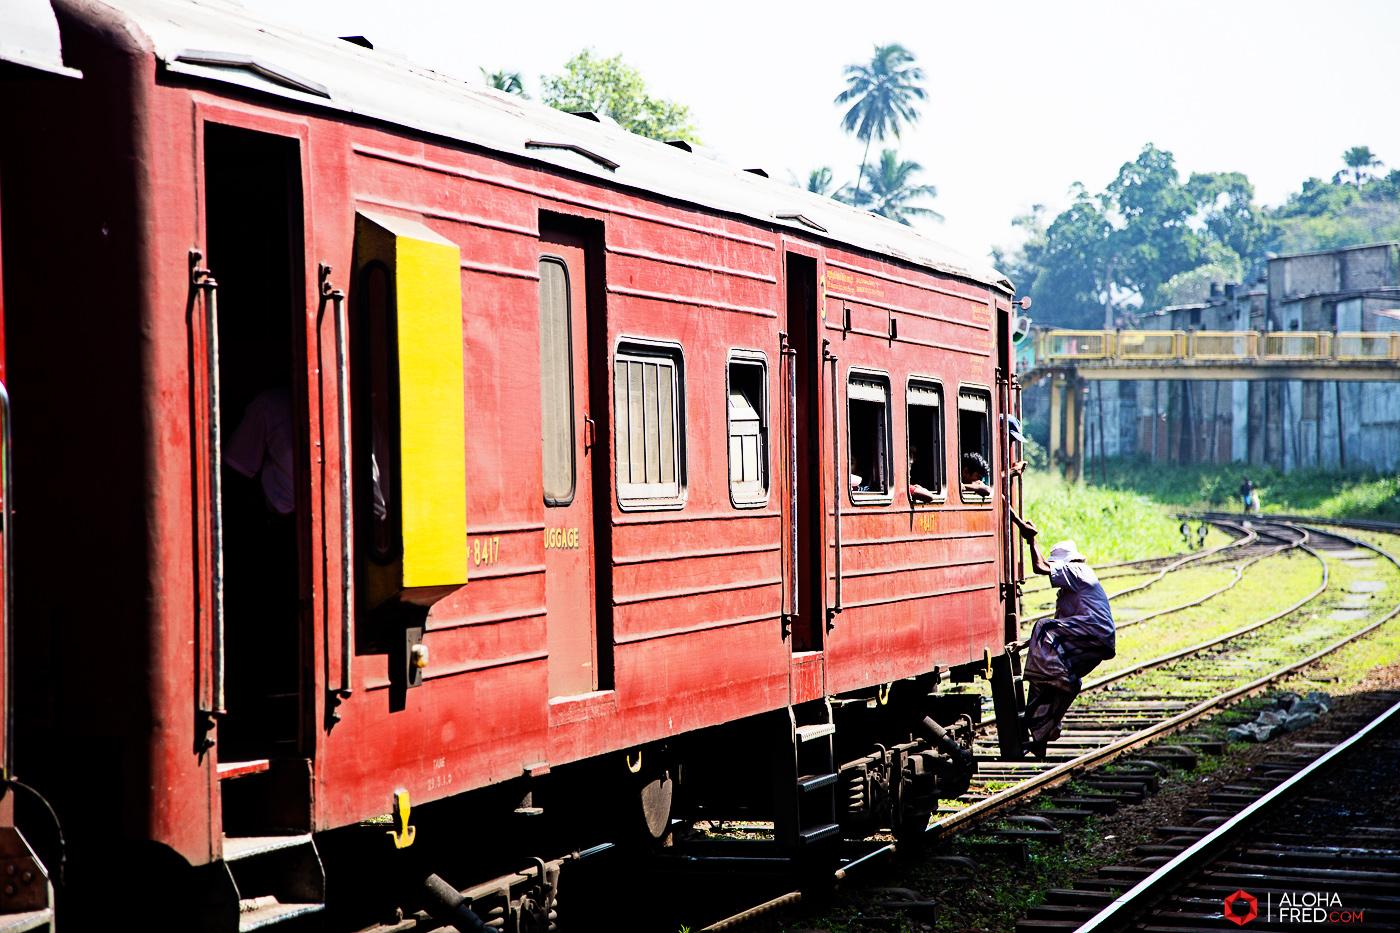 0060 - Sri Lanka - CP1A7129